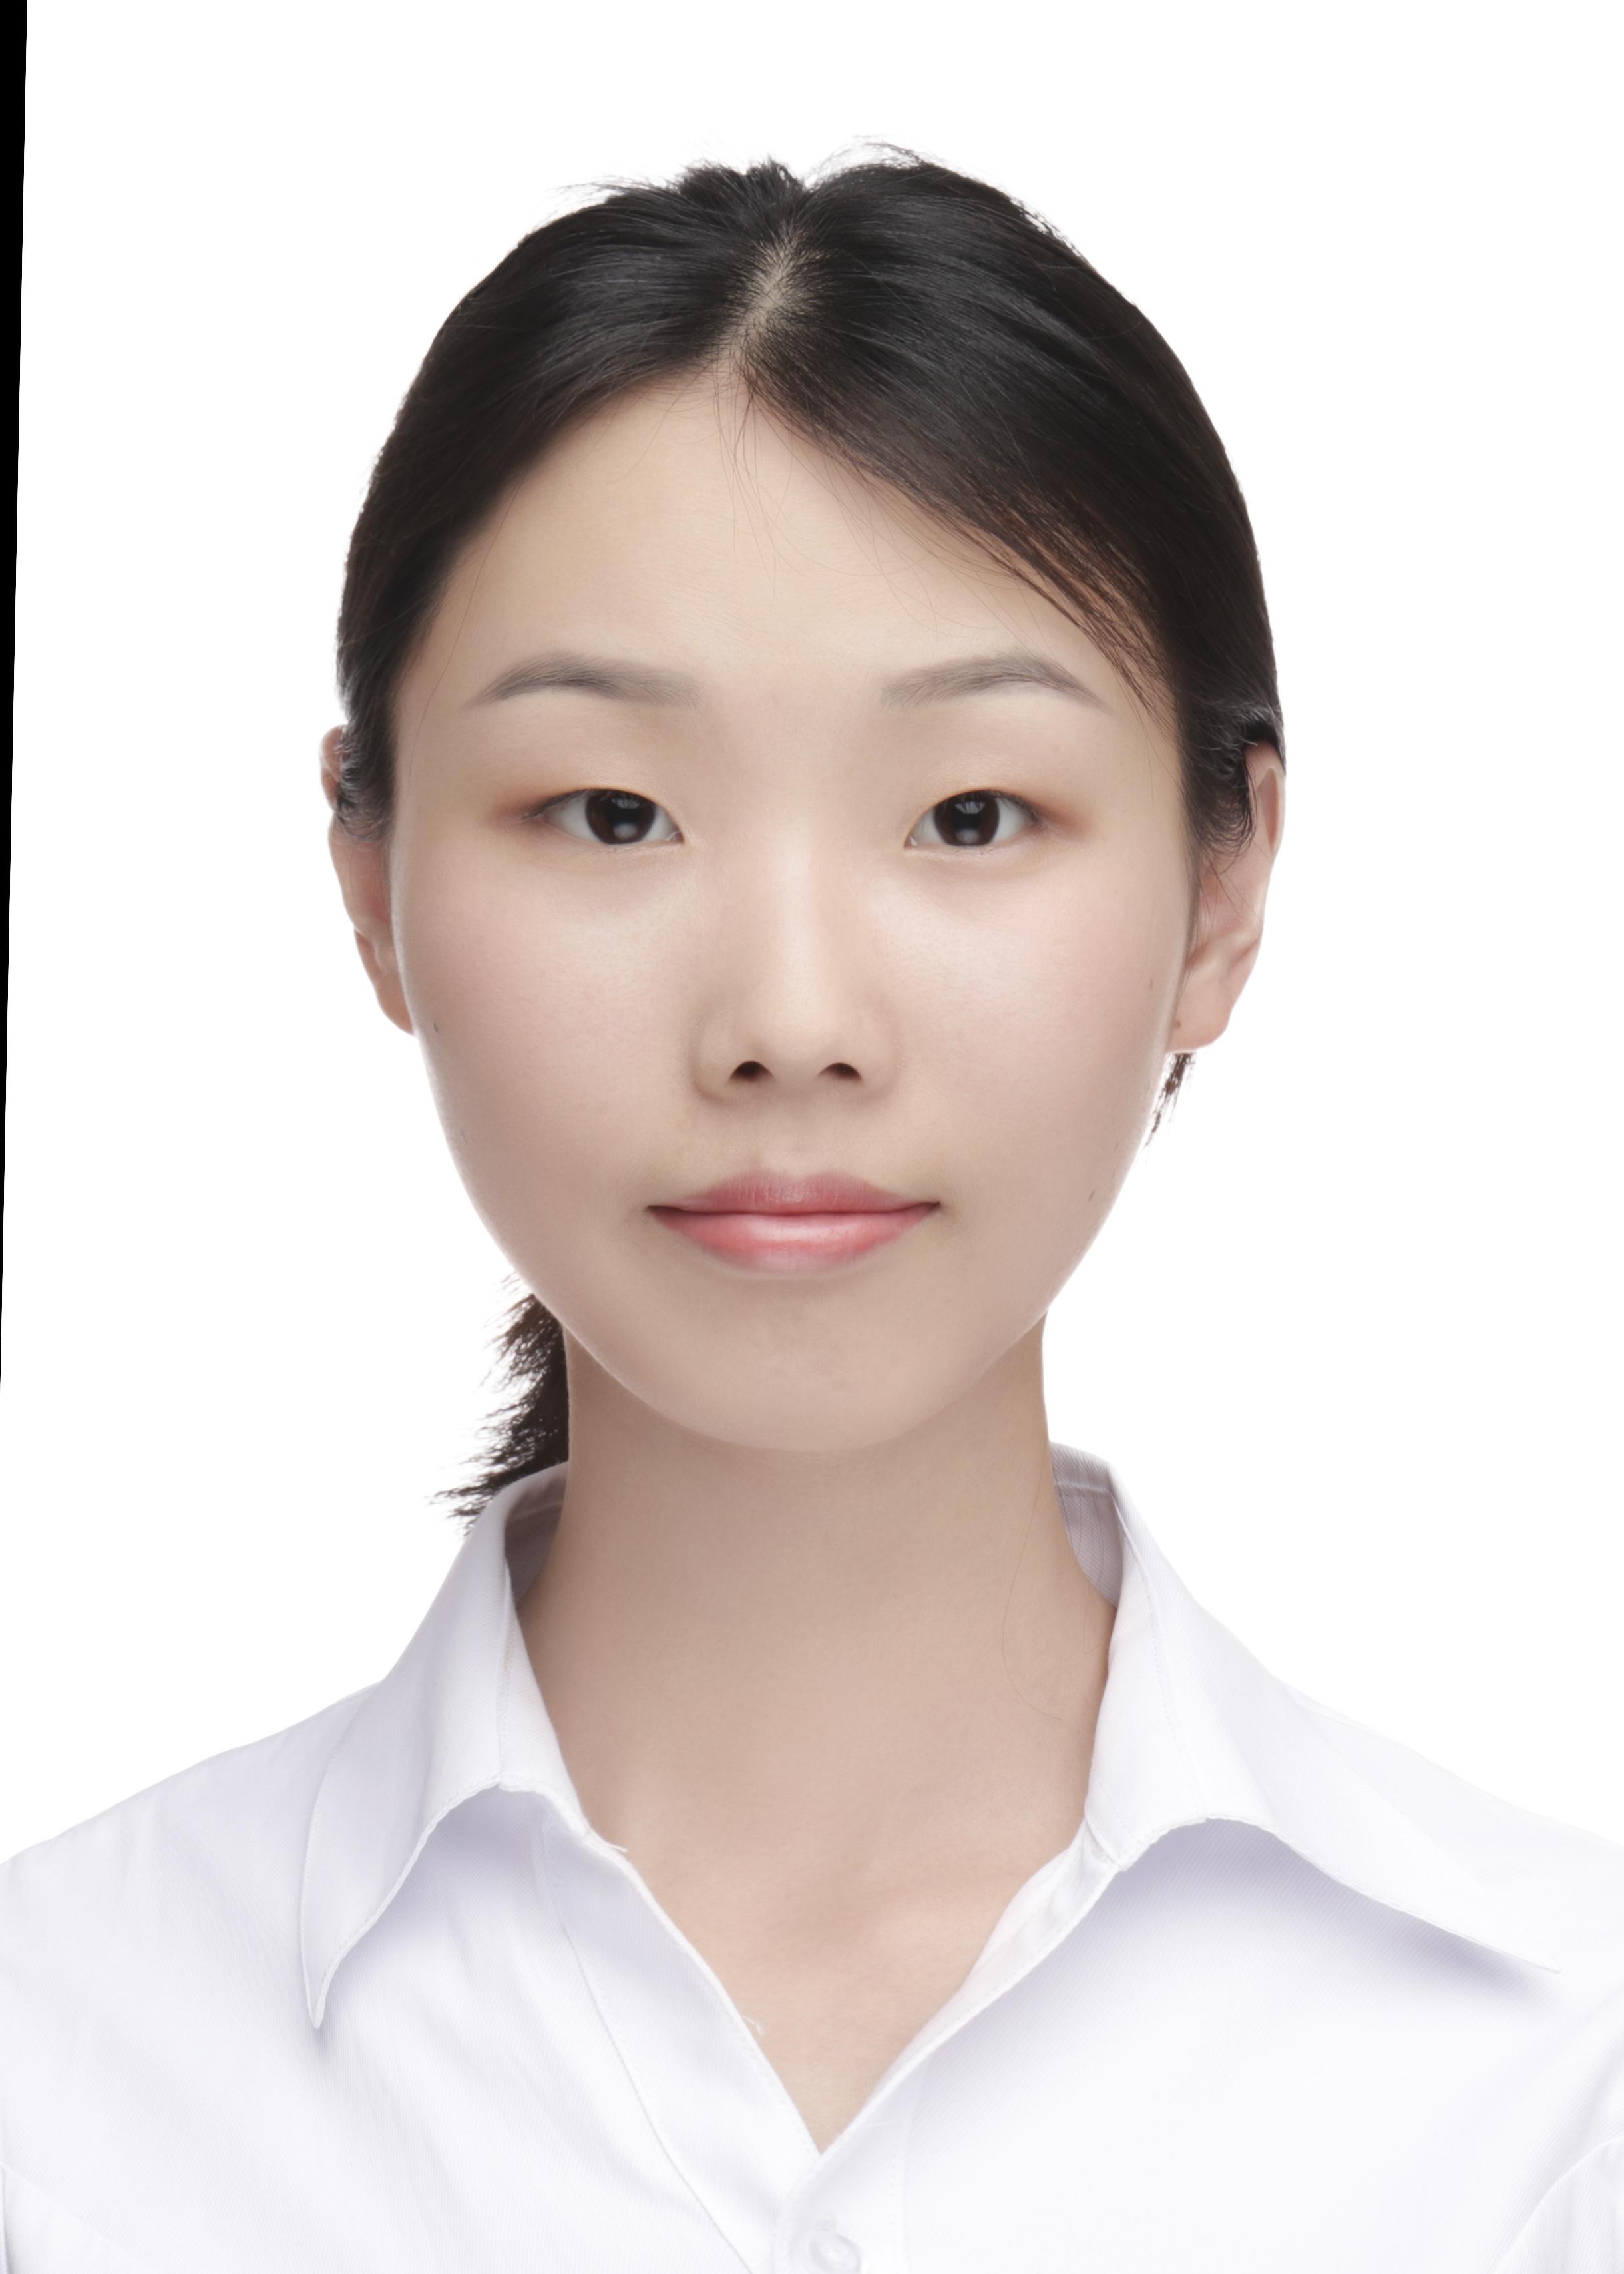 上海家教杜老师